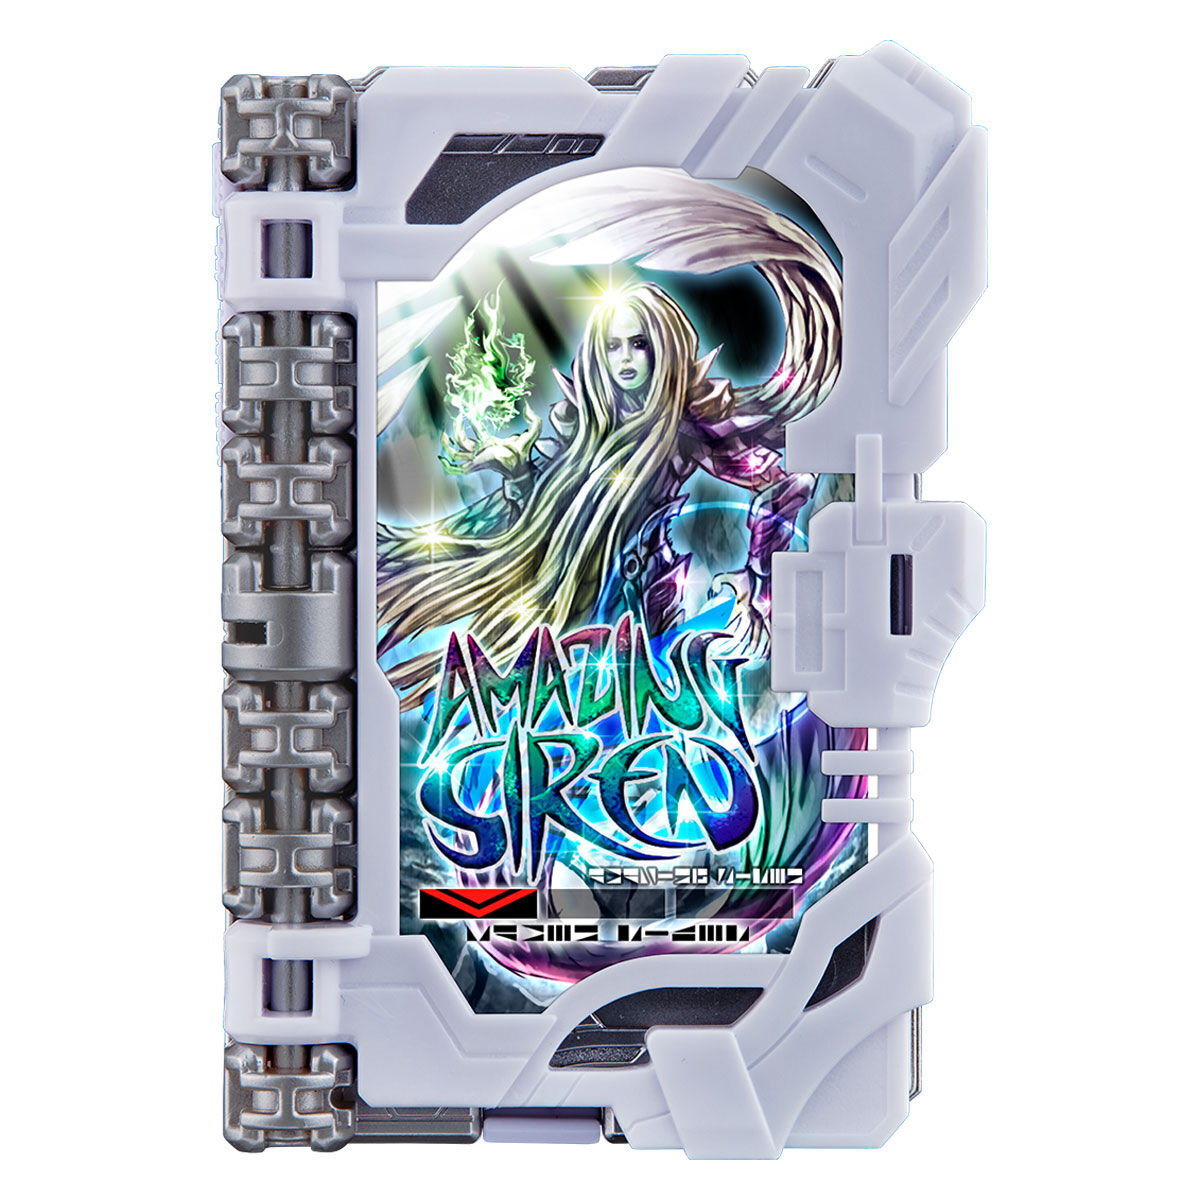 【Blu-ray】仮面ライダーセイバー 深罪の三重奏『DXアラビアーナナイト&アメイジングセイレーンセット付属版』Blu-ray-009